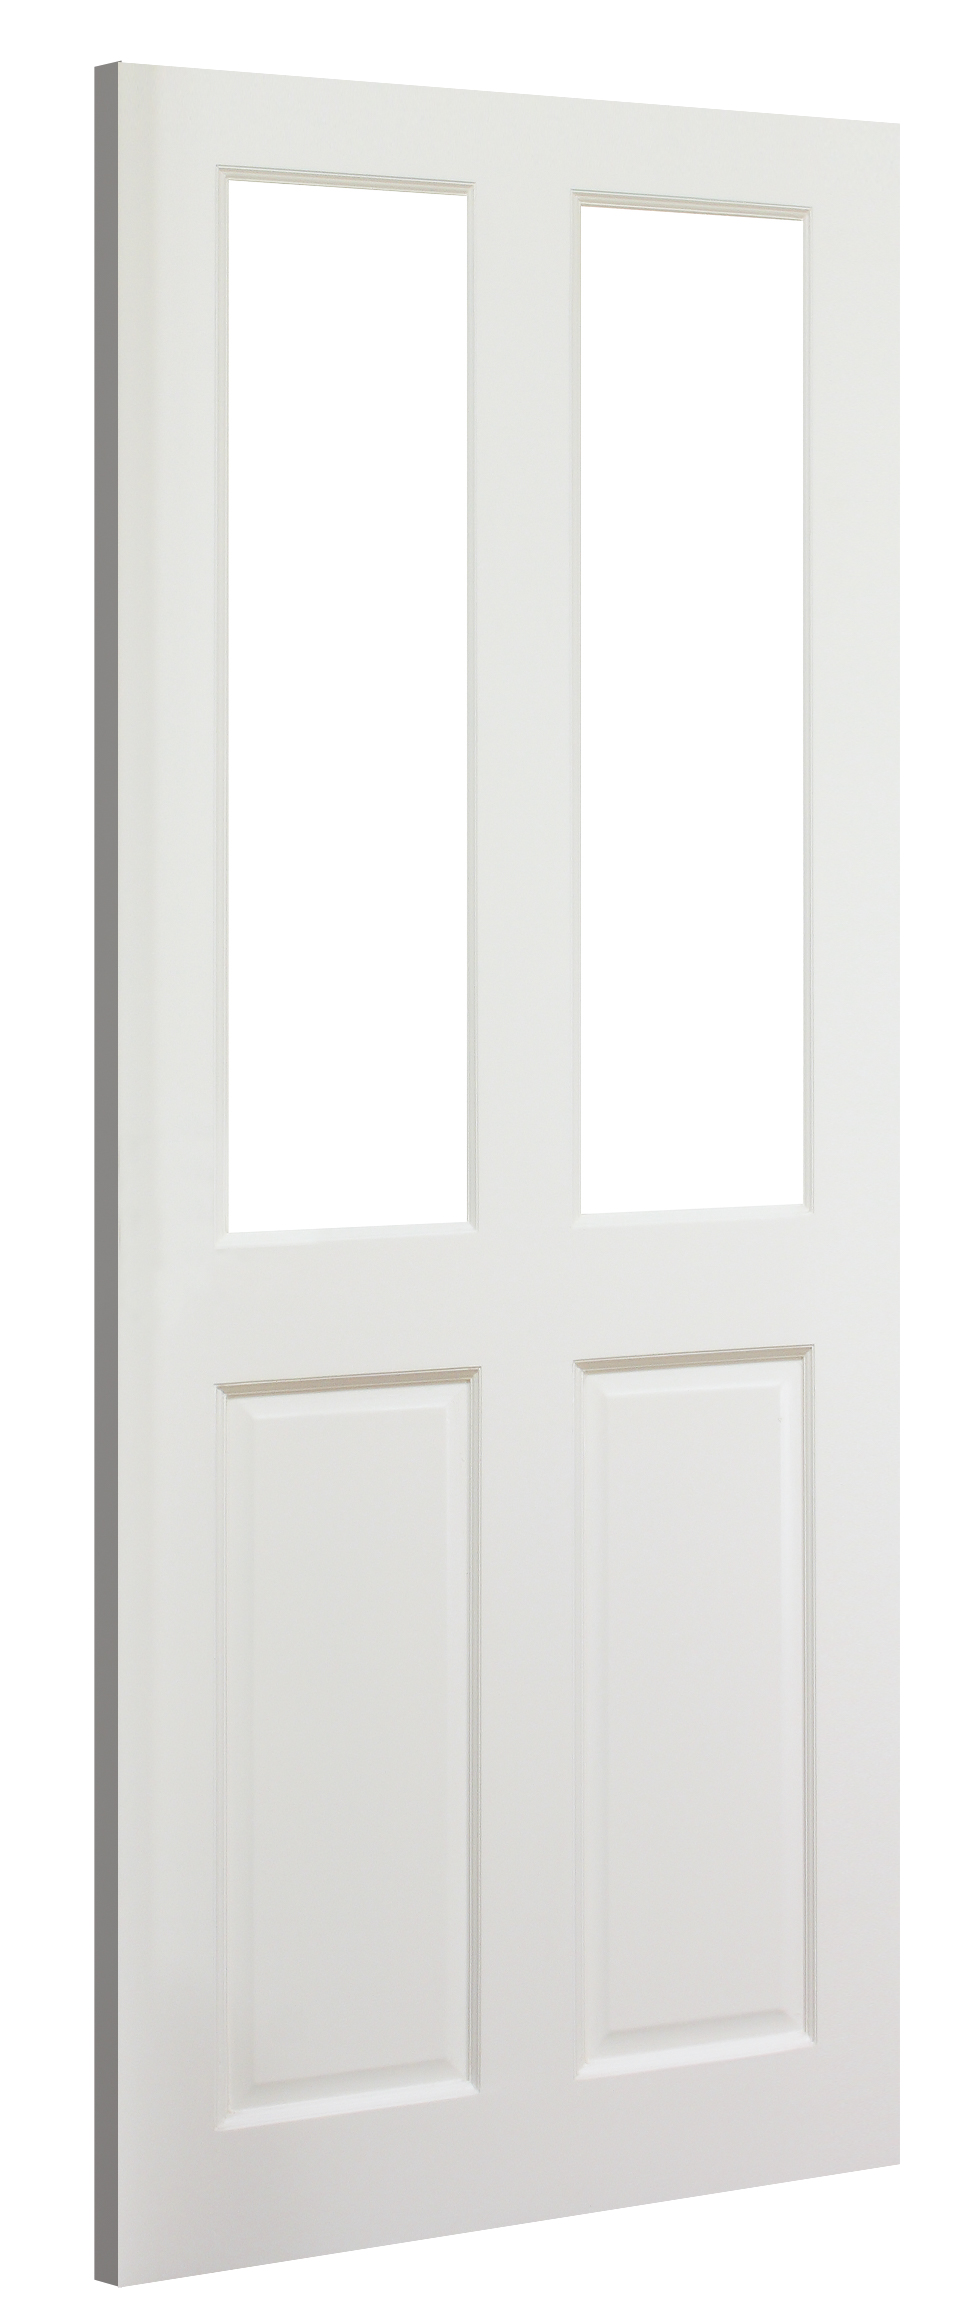 Primed Doors WM4G-UNG